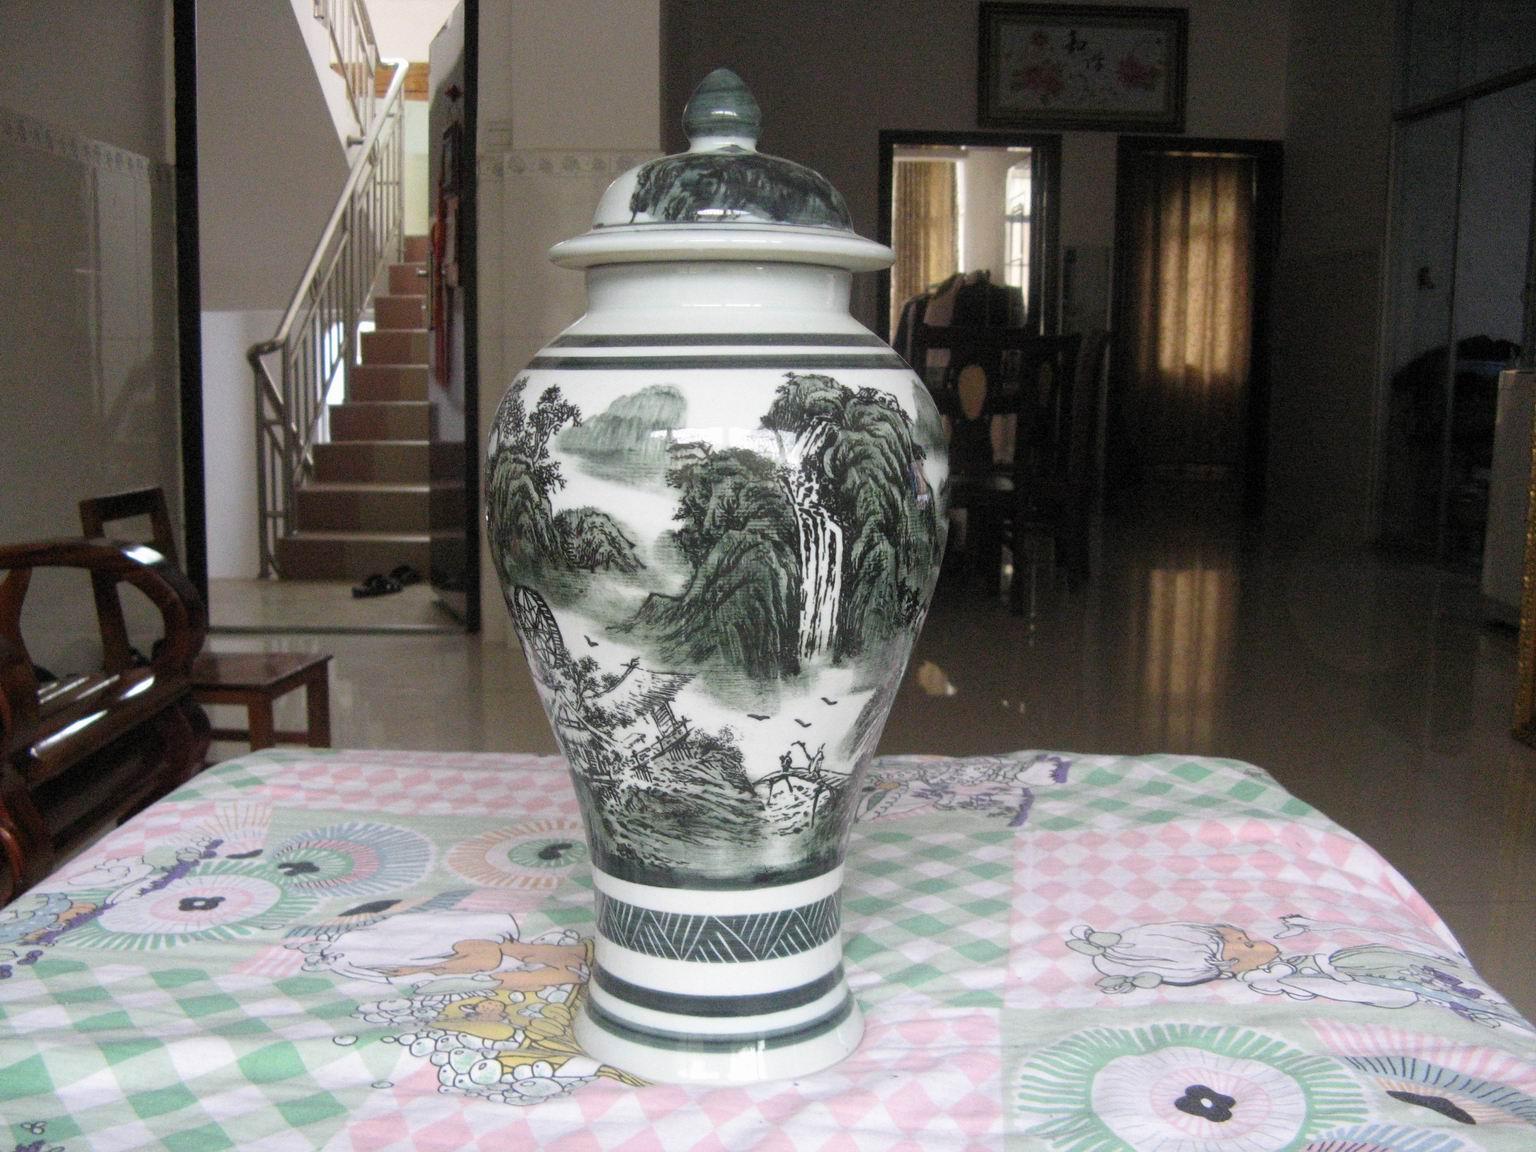 今年5月,在地里劳作时,挖掘出一只青花瓷瓶(如图),瓶高约37...